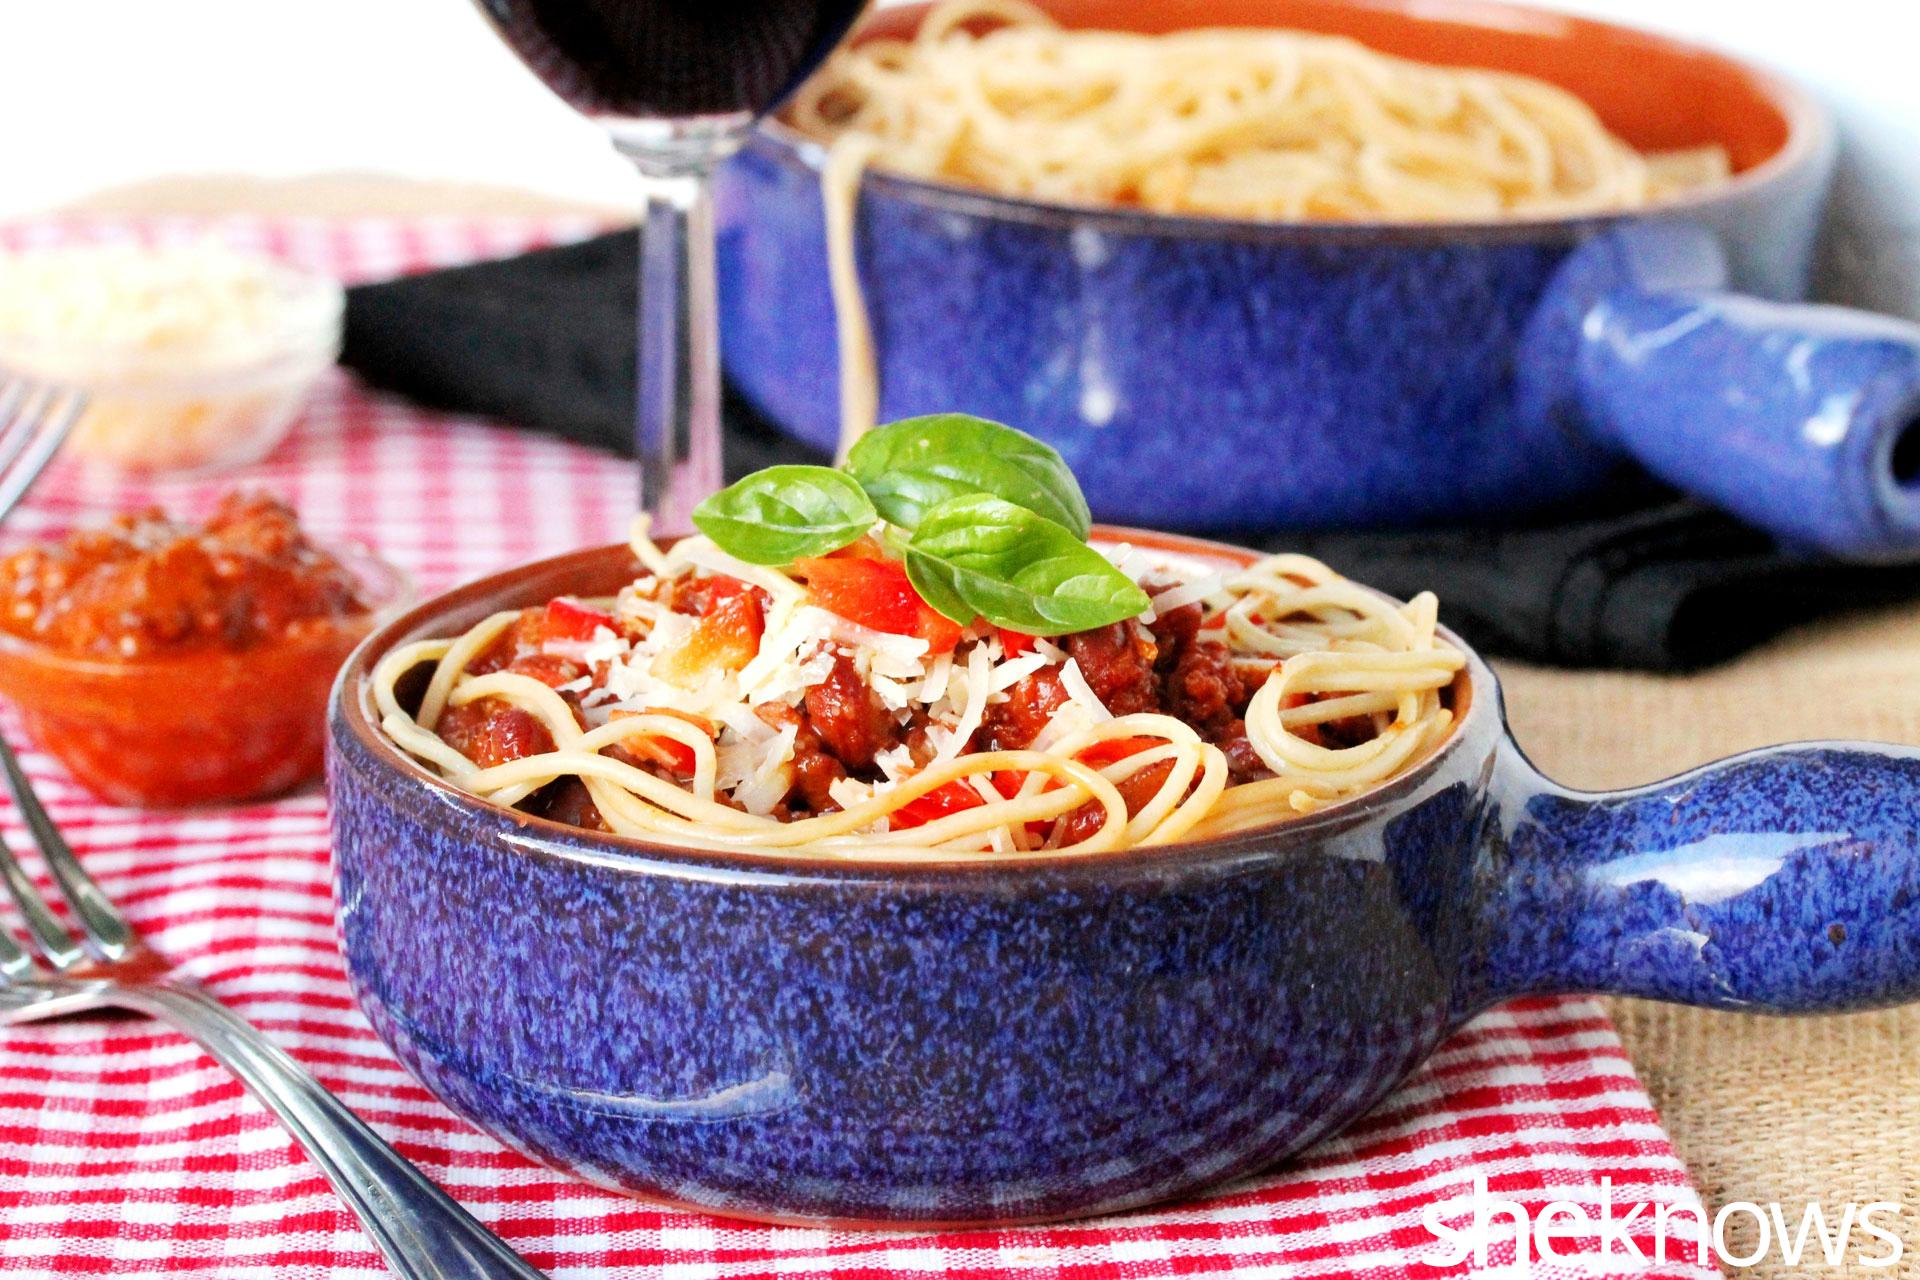 1 chili spaghetti